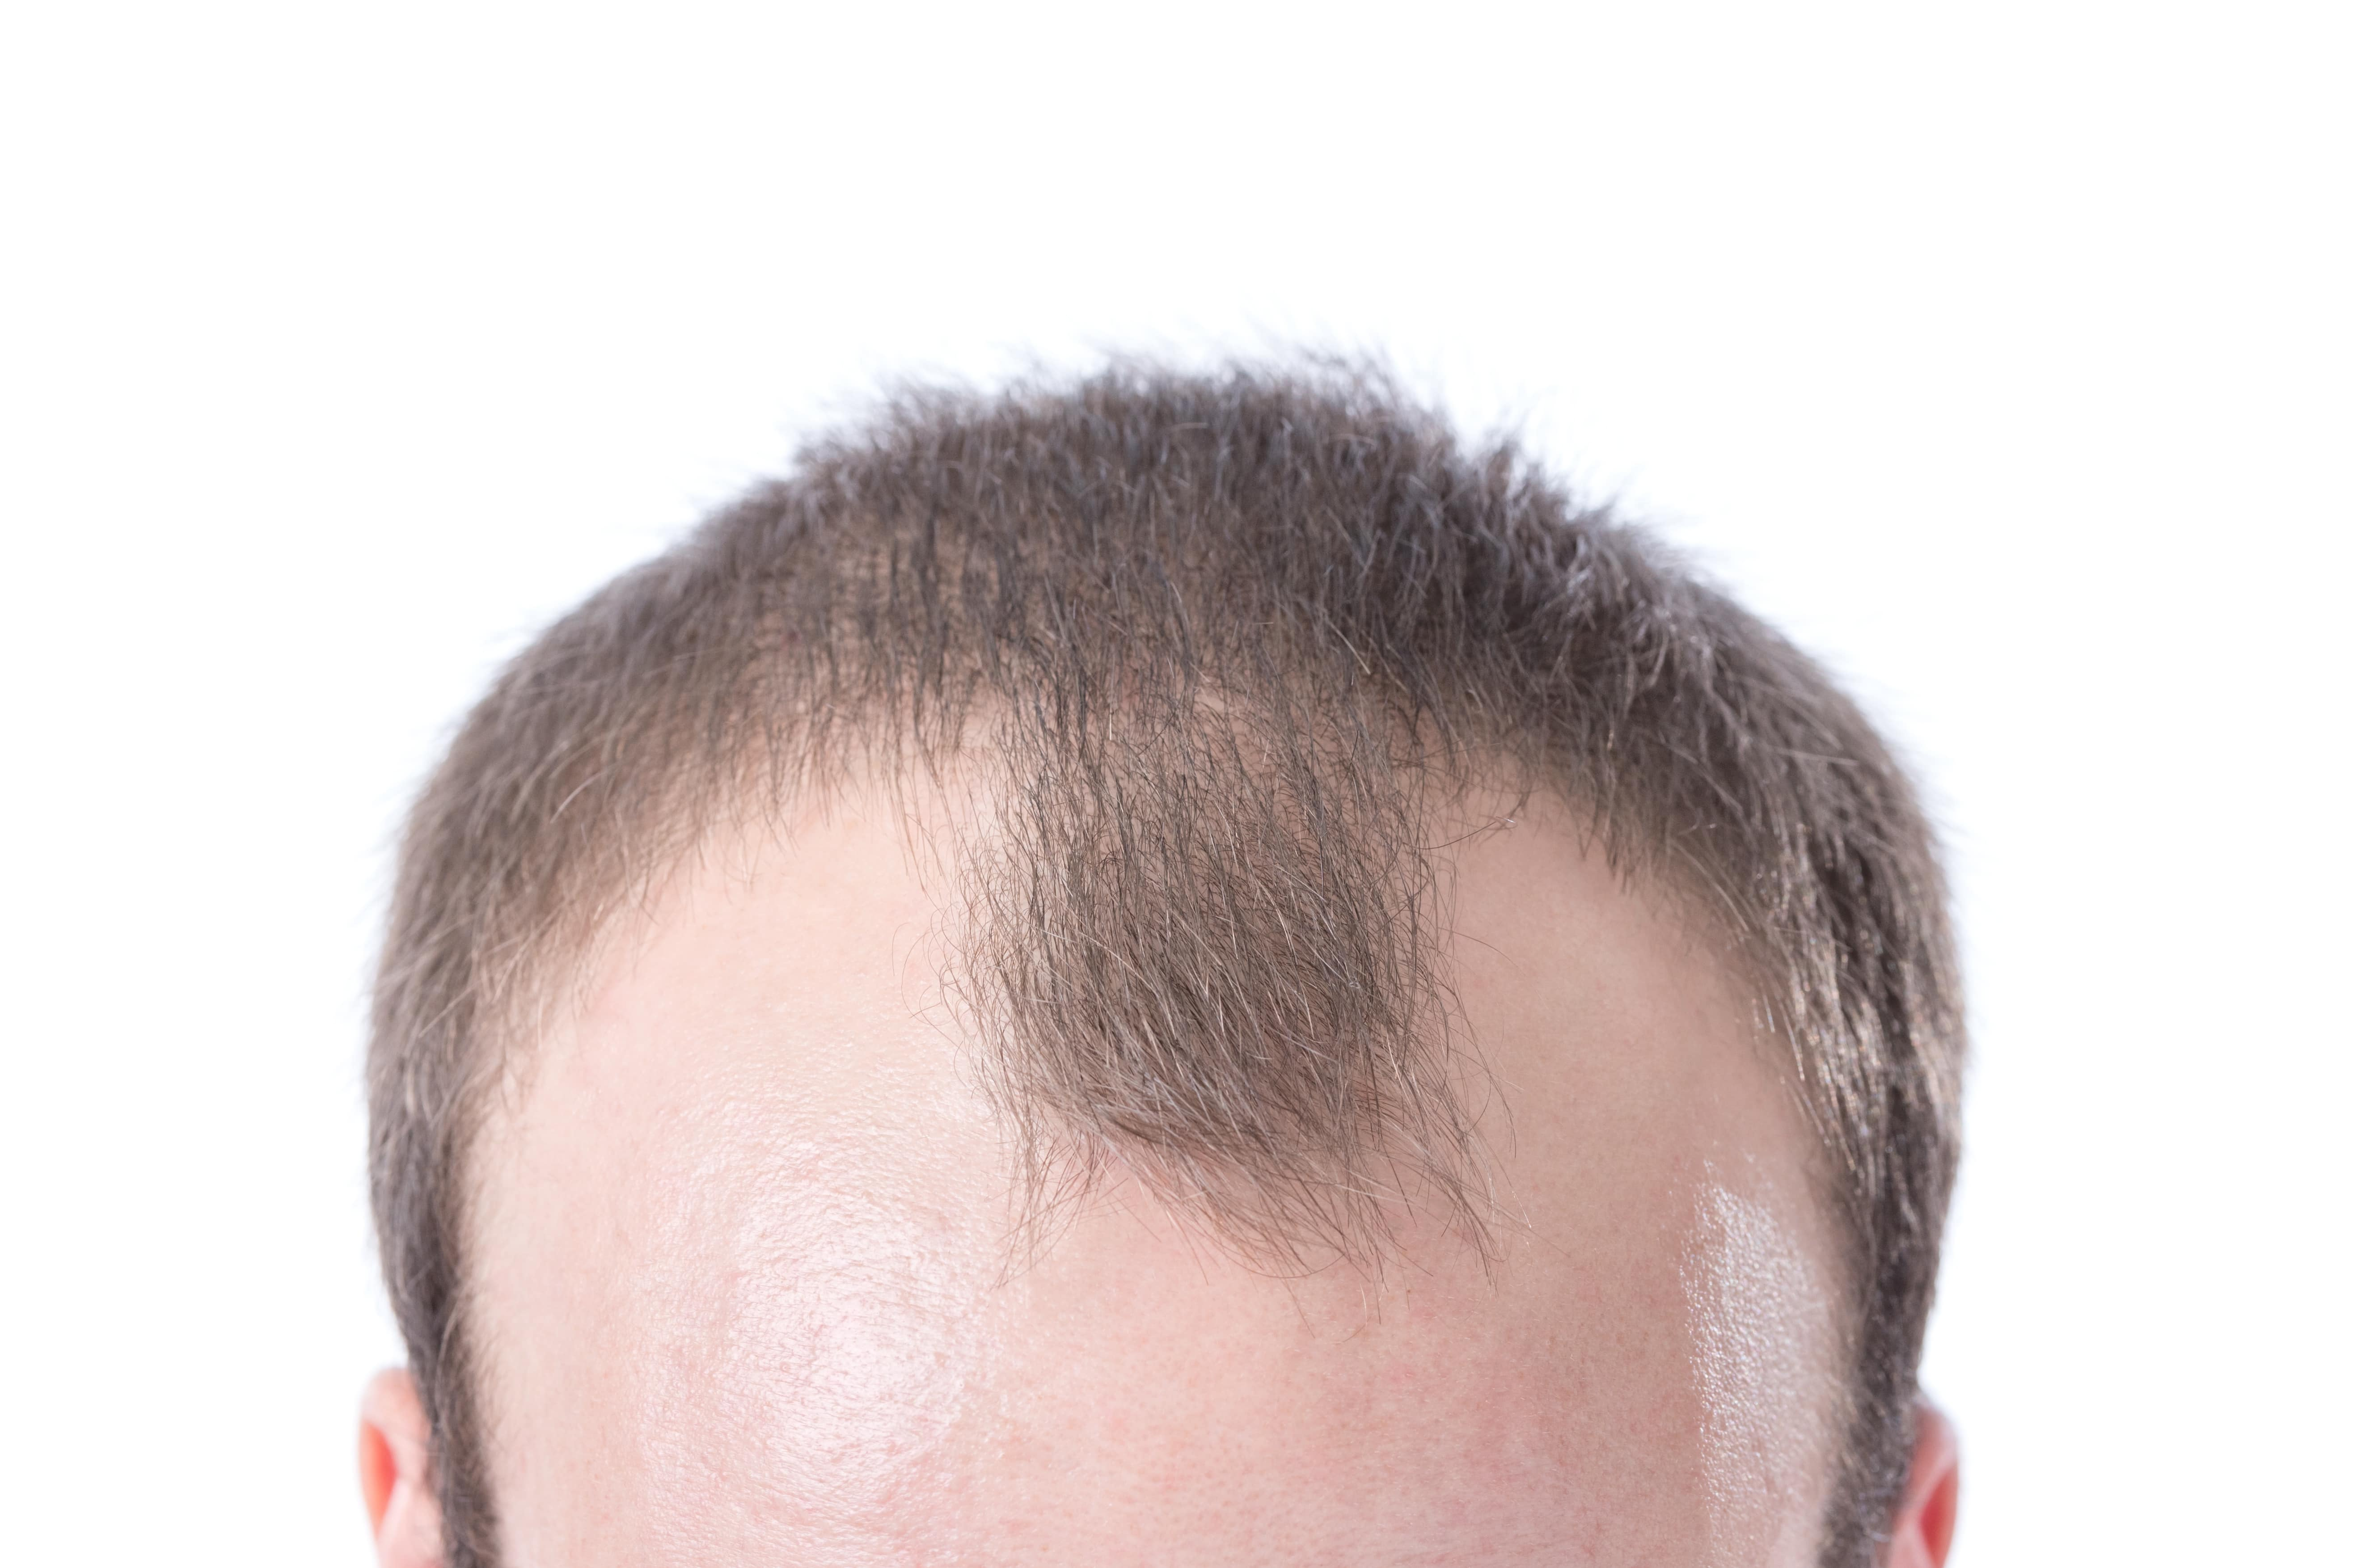 Şeker Saç Dökülmesine Neden Olur mu